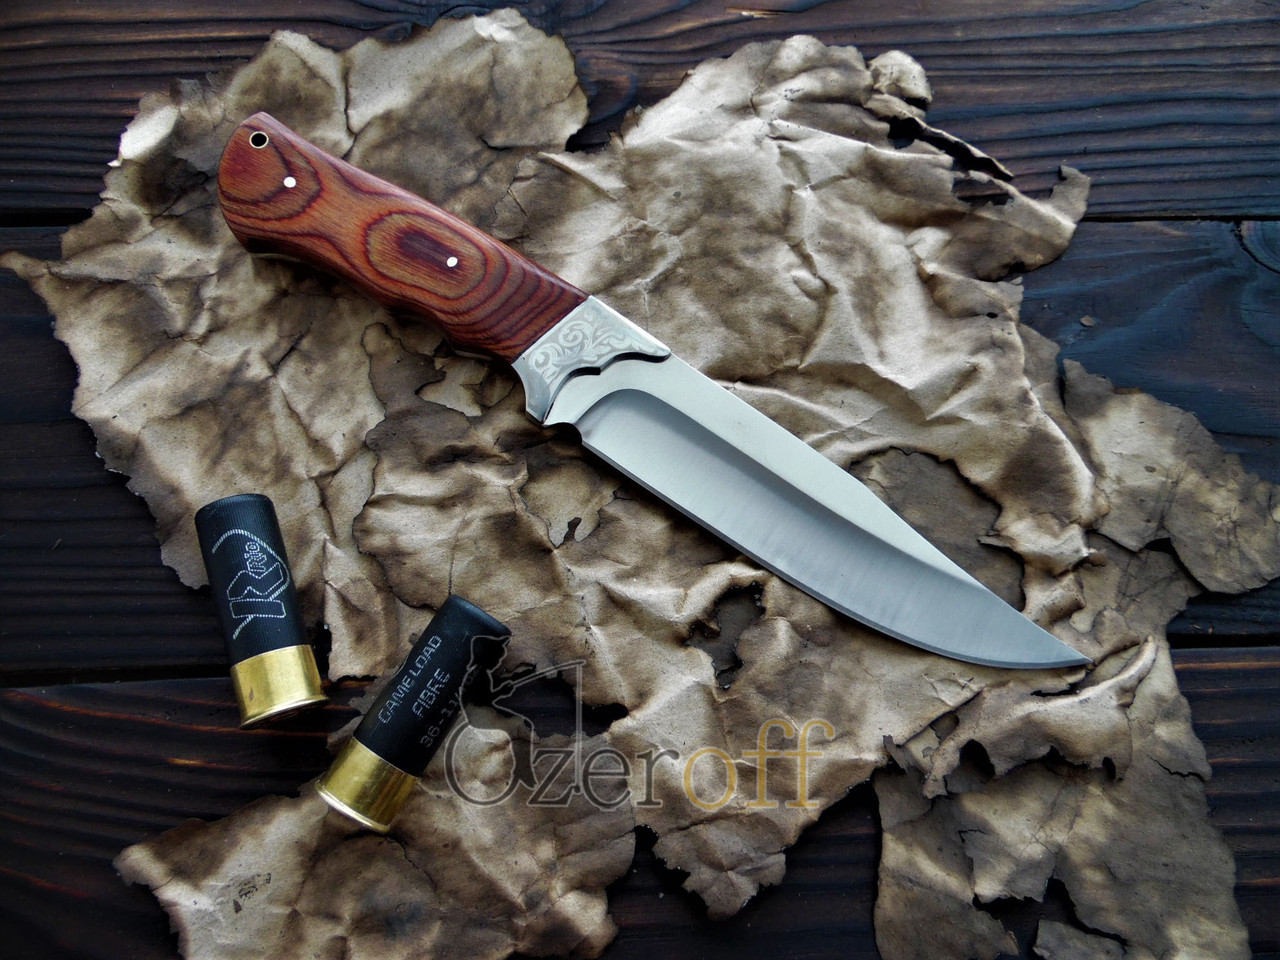 Охотничий нож с деревянной ручкой Colunbia 28см